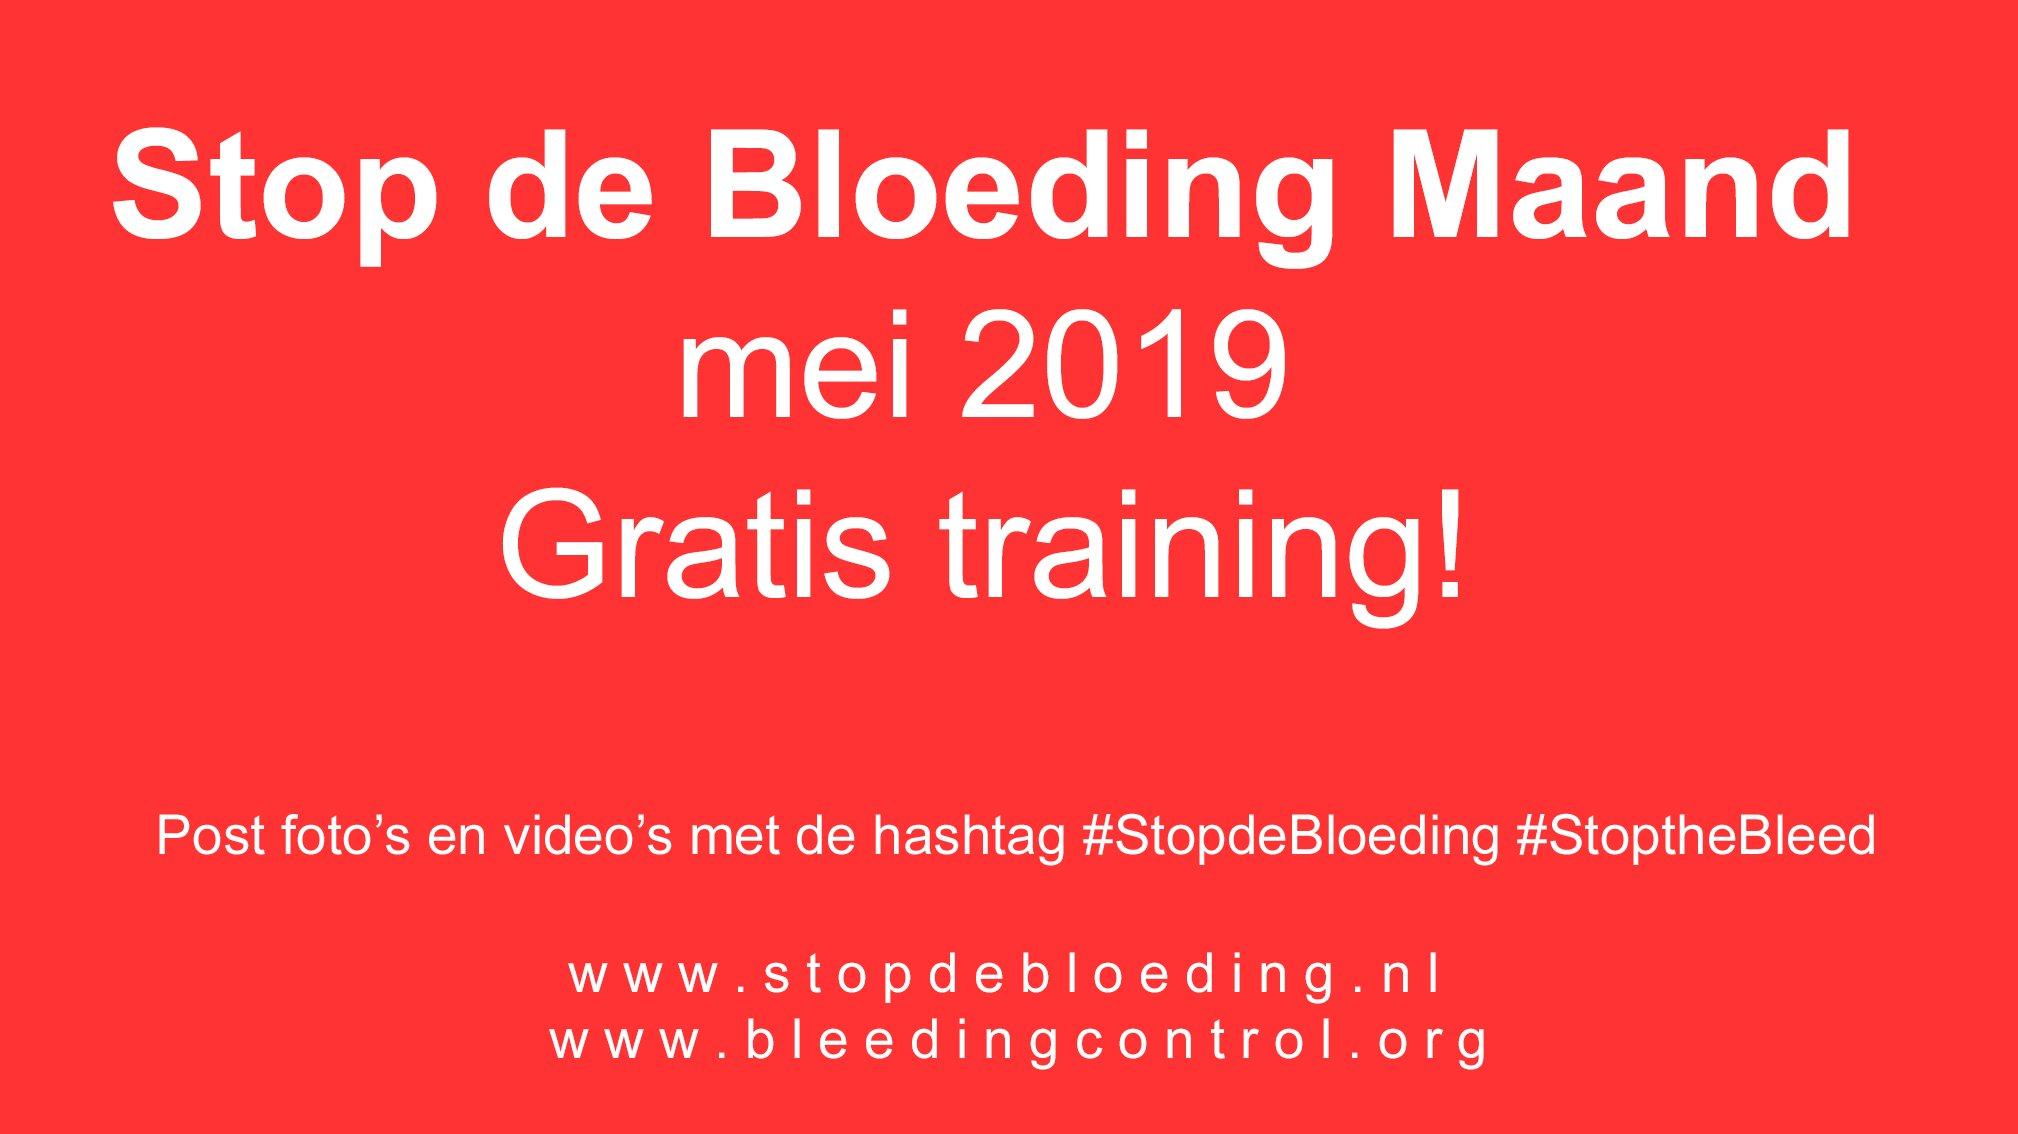 stop de bloeding maand